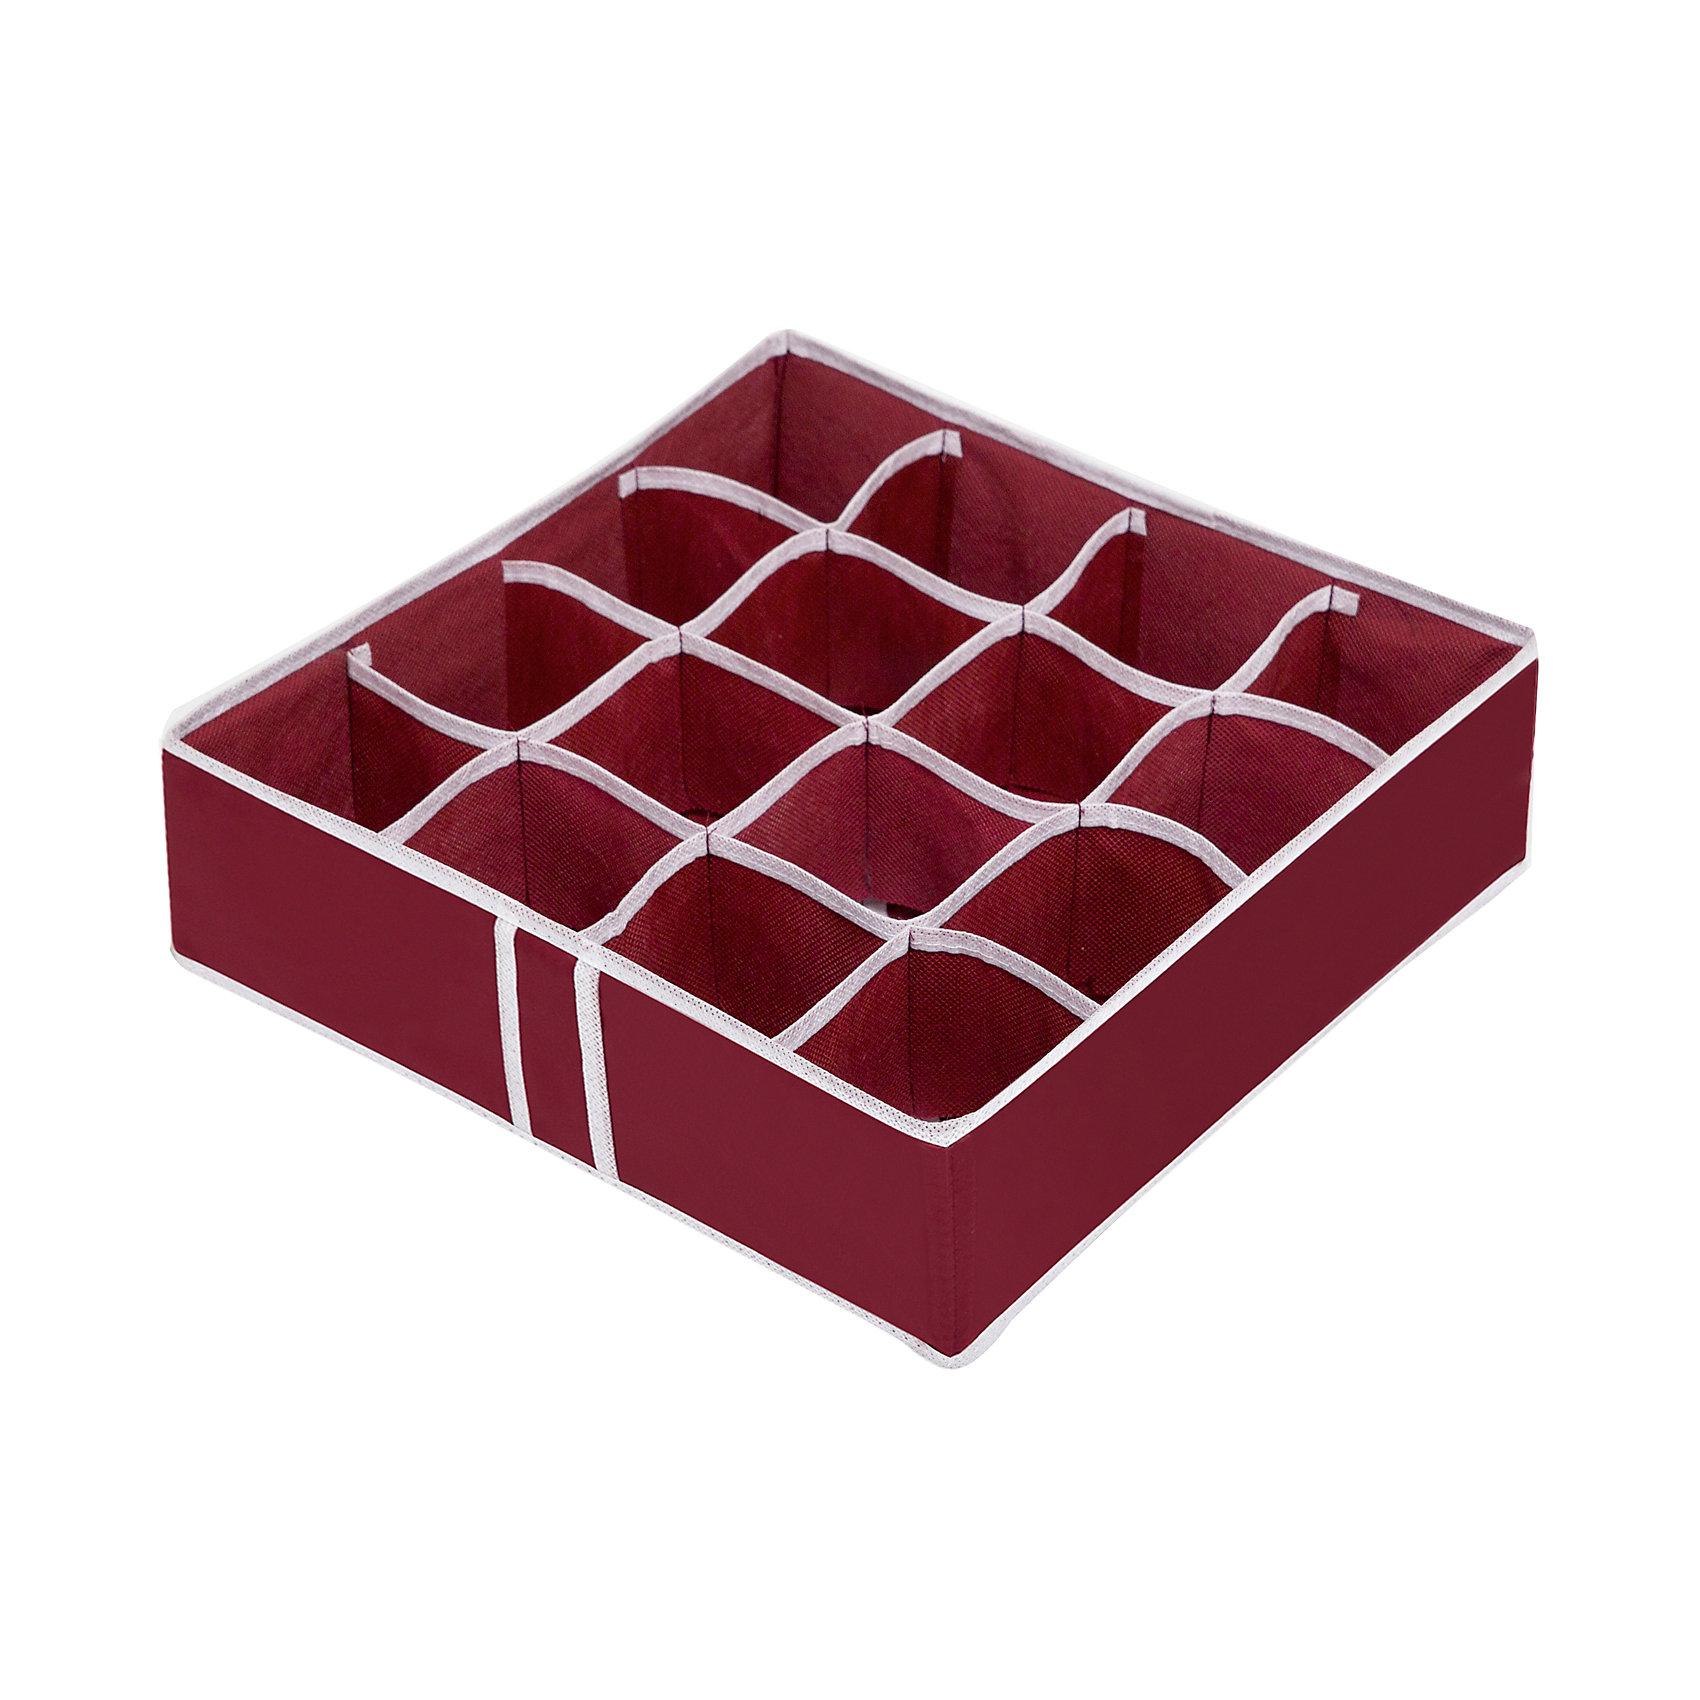 Органайзер на 16 ячеек Red Rose, HomsuПорядок в детской<br>Характеристики товара:<br><br>• цвет: бордовый<br>• материал: спанбонд, картон, ПВХ<br>• размер: 35х35х10 см<br>• вес: 200 г<br>• легкий прочный каркас<br>• обеспечивает естественную вентиляцию<br>• вместимость: 16 отделений<br>• страна бренда: Россия<br>• страна изготовитель: Китай<br><br>Органайзер на 16 ячеек Red Rose от бренда Homsu (Хомсу) - очень удобная вещь для хранения вещей и эргономичной организации пространства.<br><br>Он легкий, устойчивый, вместительный, обеспечивает естественную вентиляцию.<br><br>Органайзер для бюстгальтеров на 16 ячеек Red Rose, Homsu можно купить в нашем интернет-магазине.<br><br>Ширина мм: 350<br>Глубина мм: 100<br>Высота мм: 20<br>Вес г: 200<br>Возраст от месяцев: 216<br>Возраст до месяцев: 1188<br>Пол: Унисекс<br>Возраст: Детский<br>SKU: 5620236